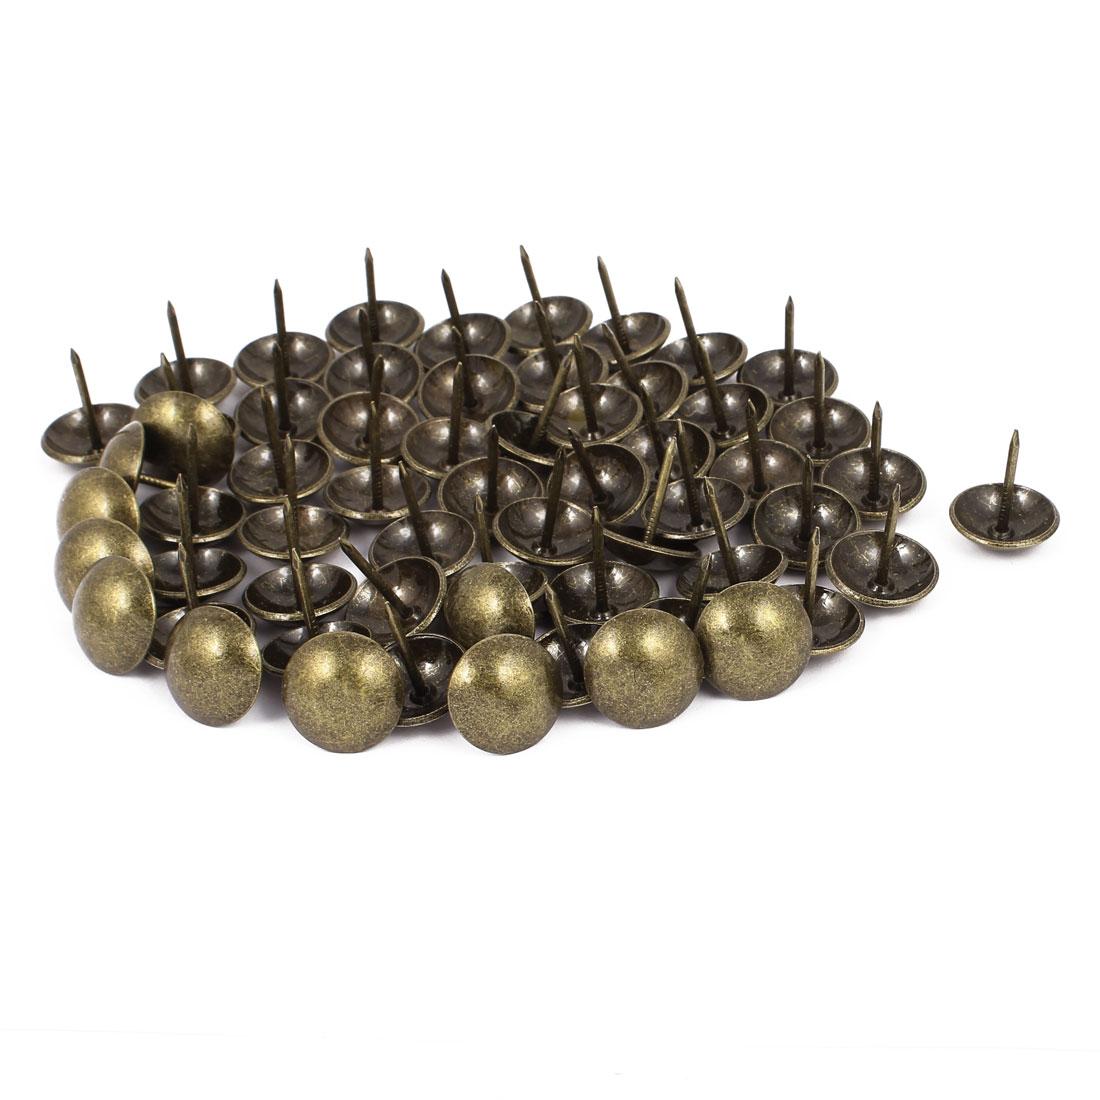 19mm Dia Upholstery Nail Decorative Tack Stud Push Pin Thumbtack 60PCS